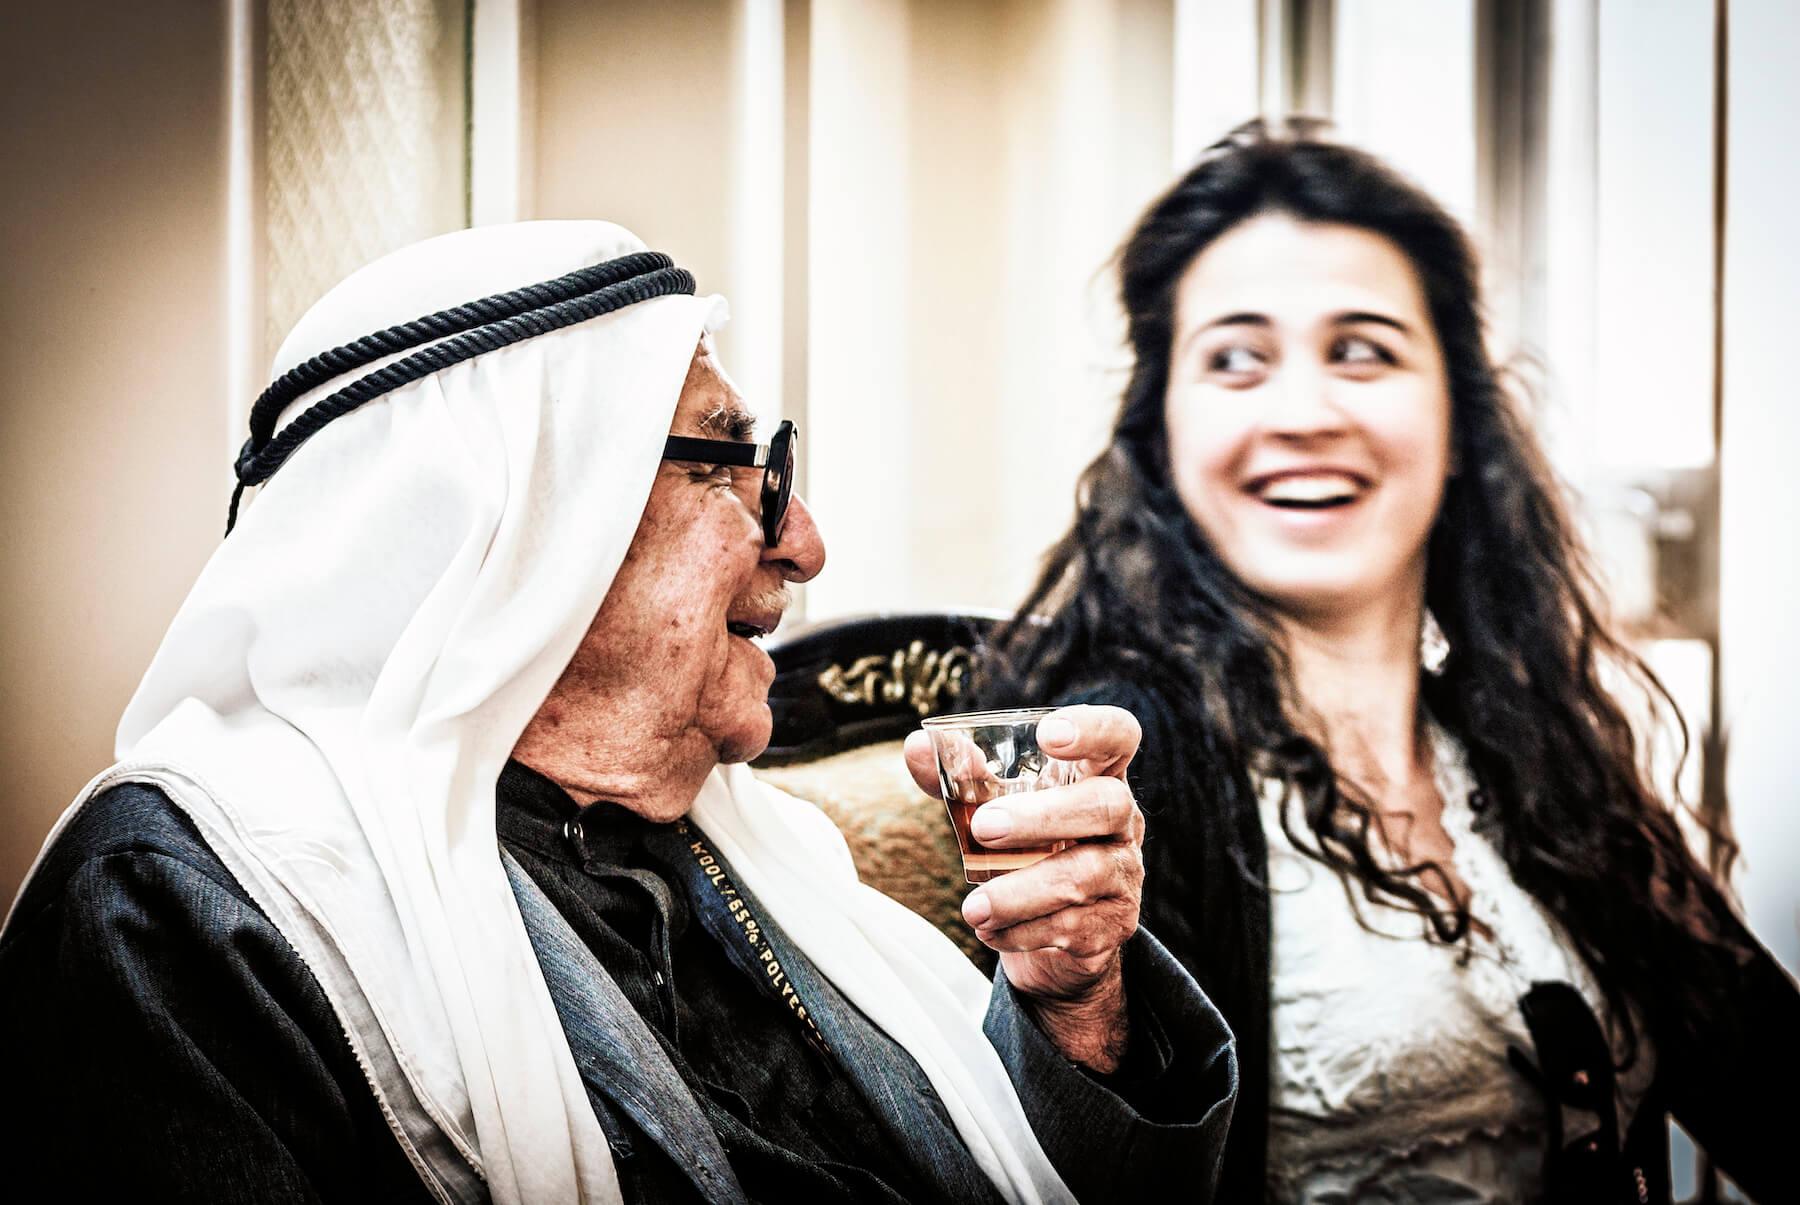 Syrien vor dem Krieg Lutz Jäkel